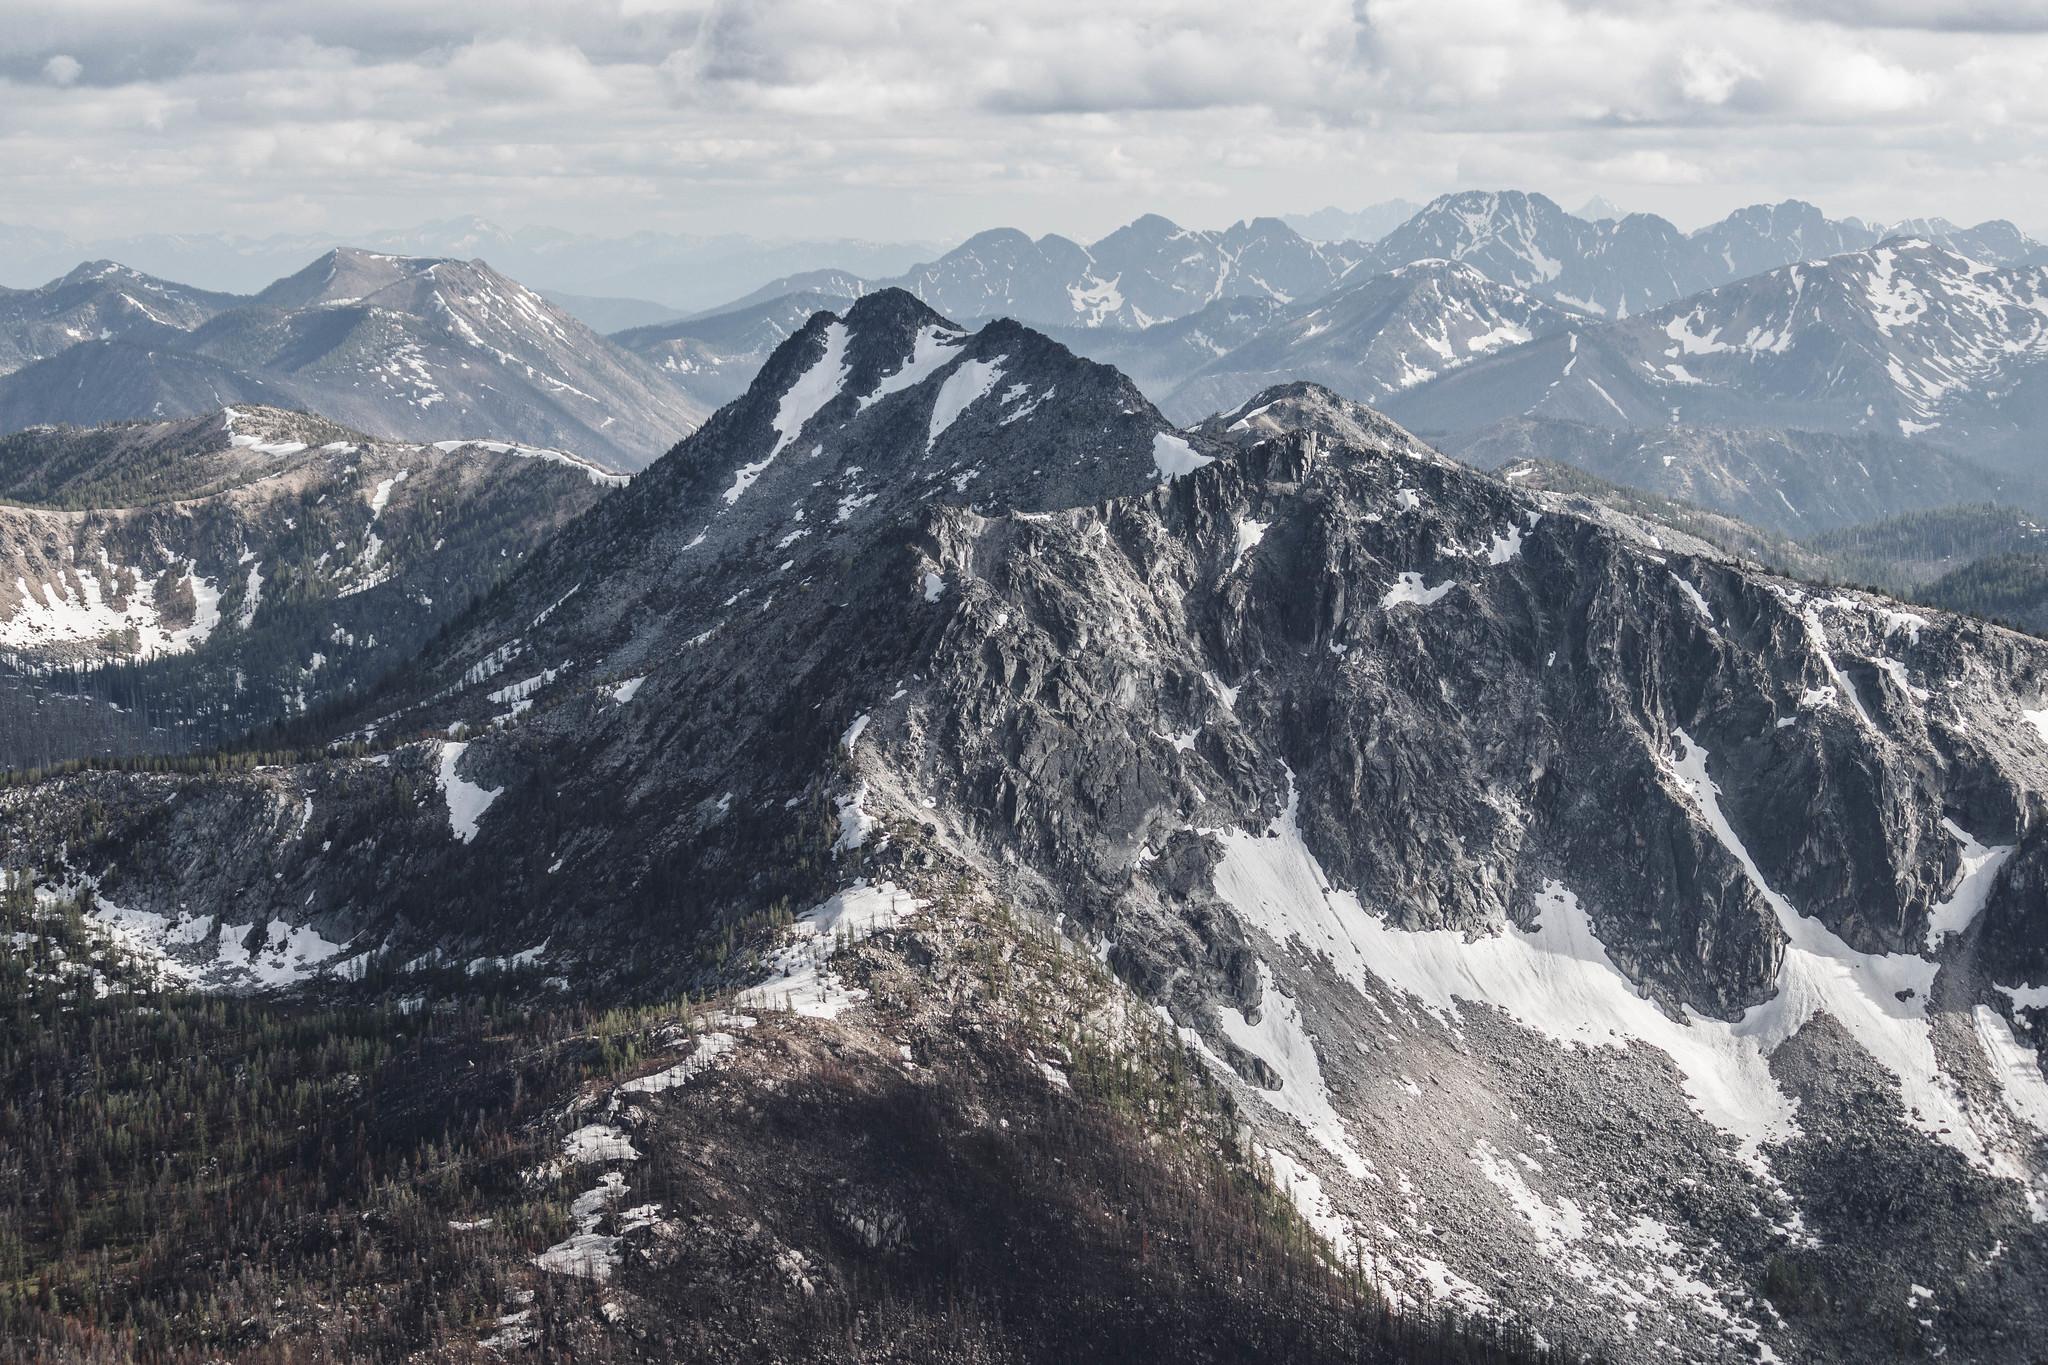 Peepsight Mountain